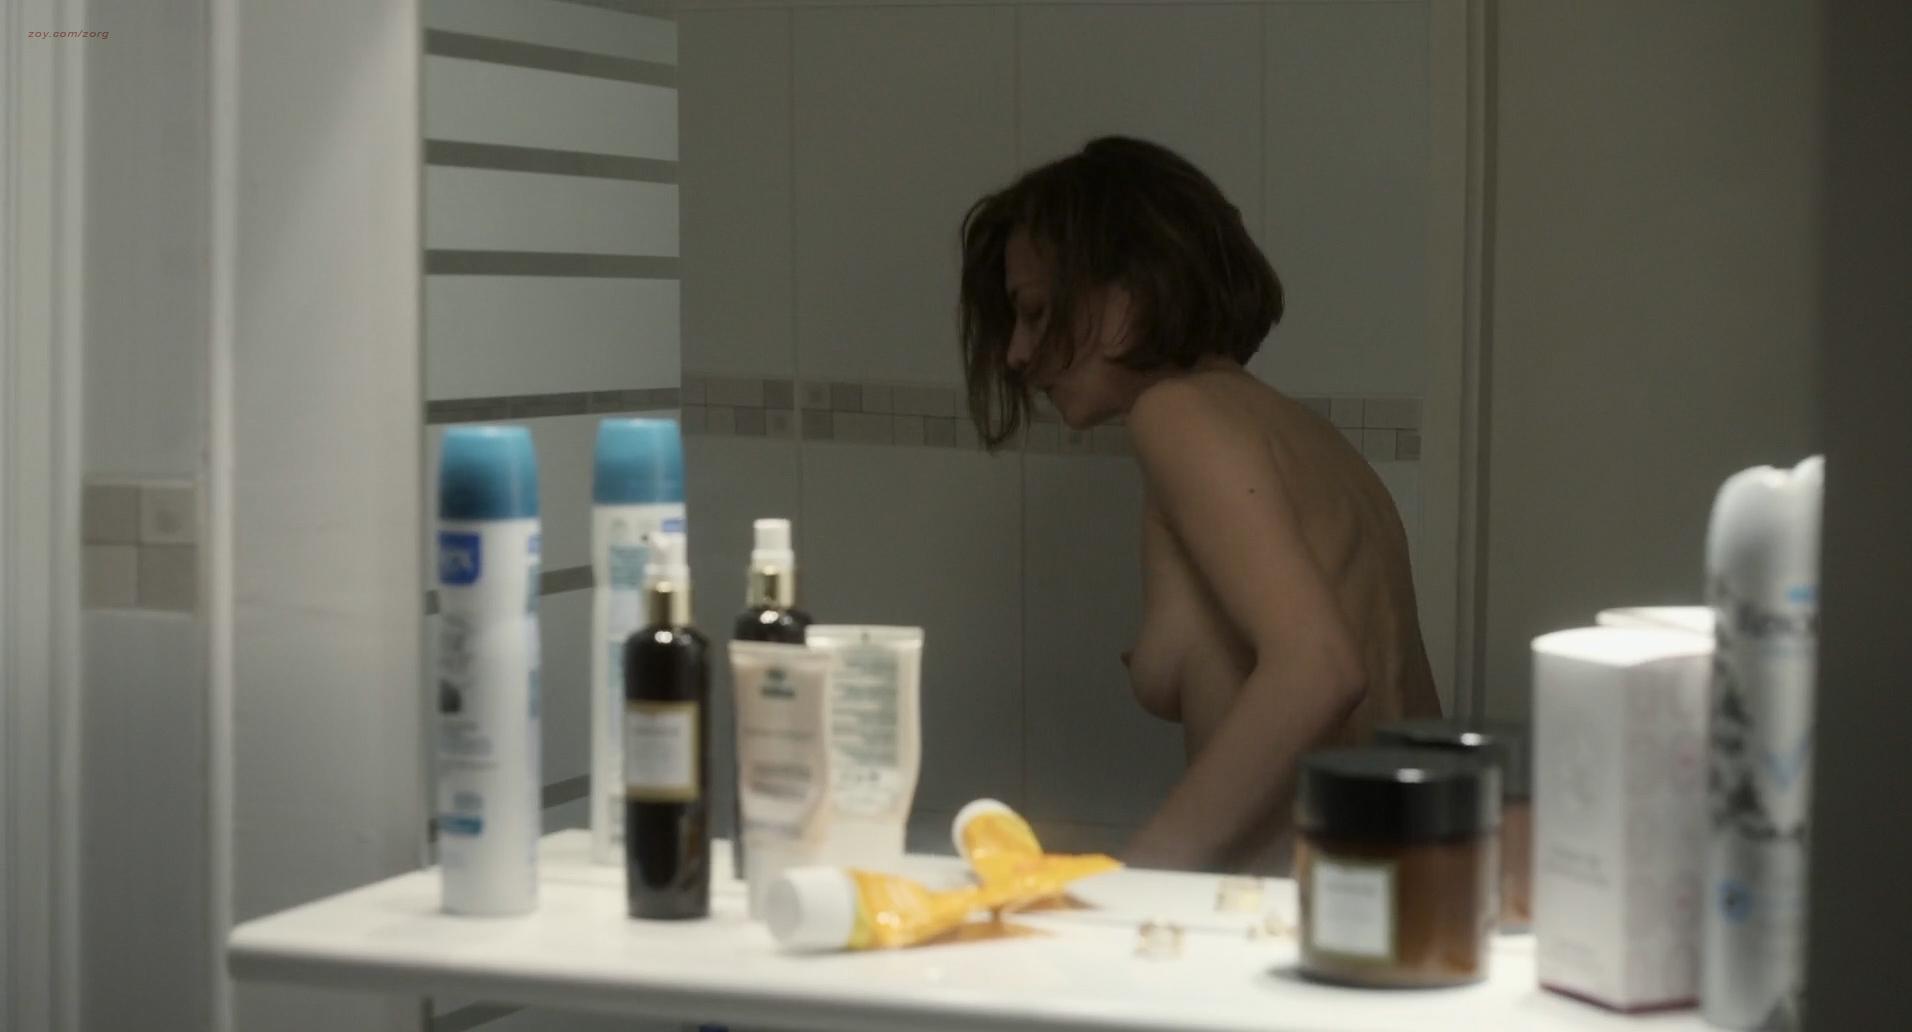 Céline Sallette nude topless - Je vous souhaite d'être follement aimée (FR-2015) HD 1080p (5)